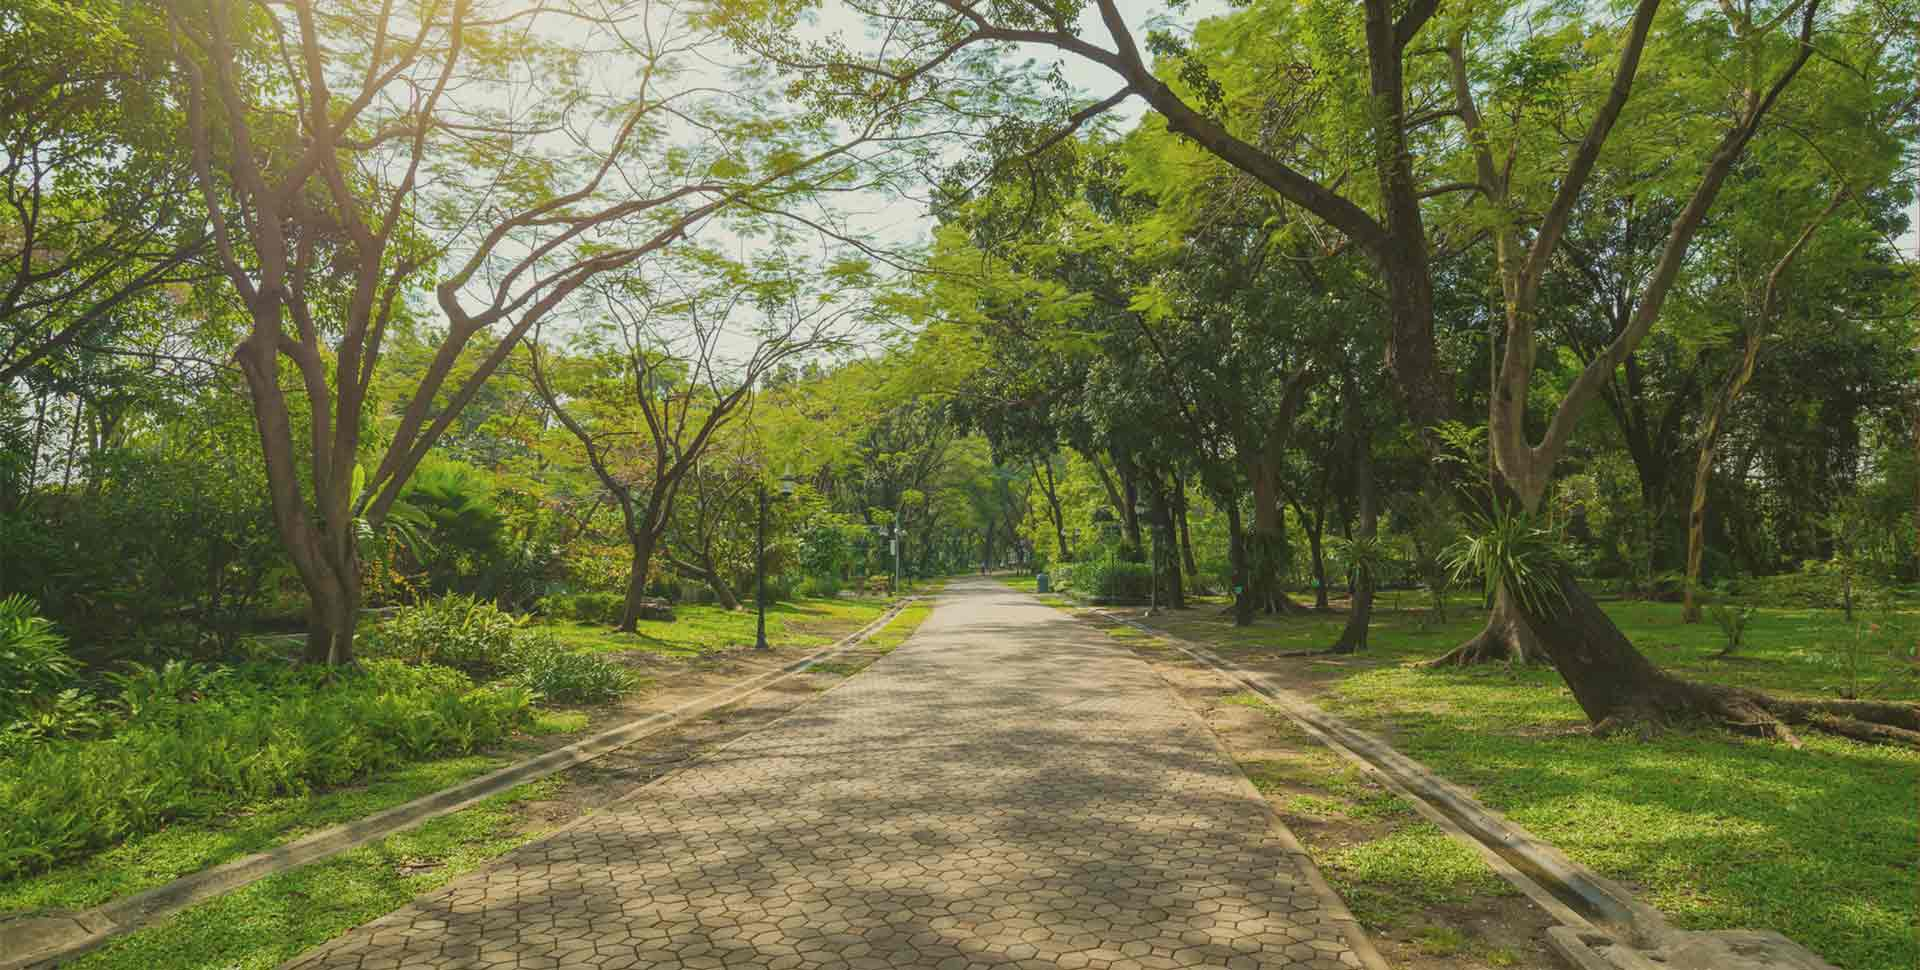 Urban greenway through dense forest